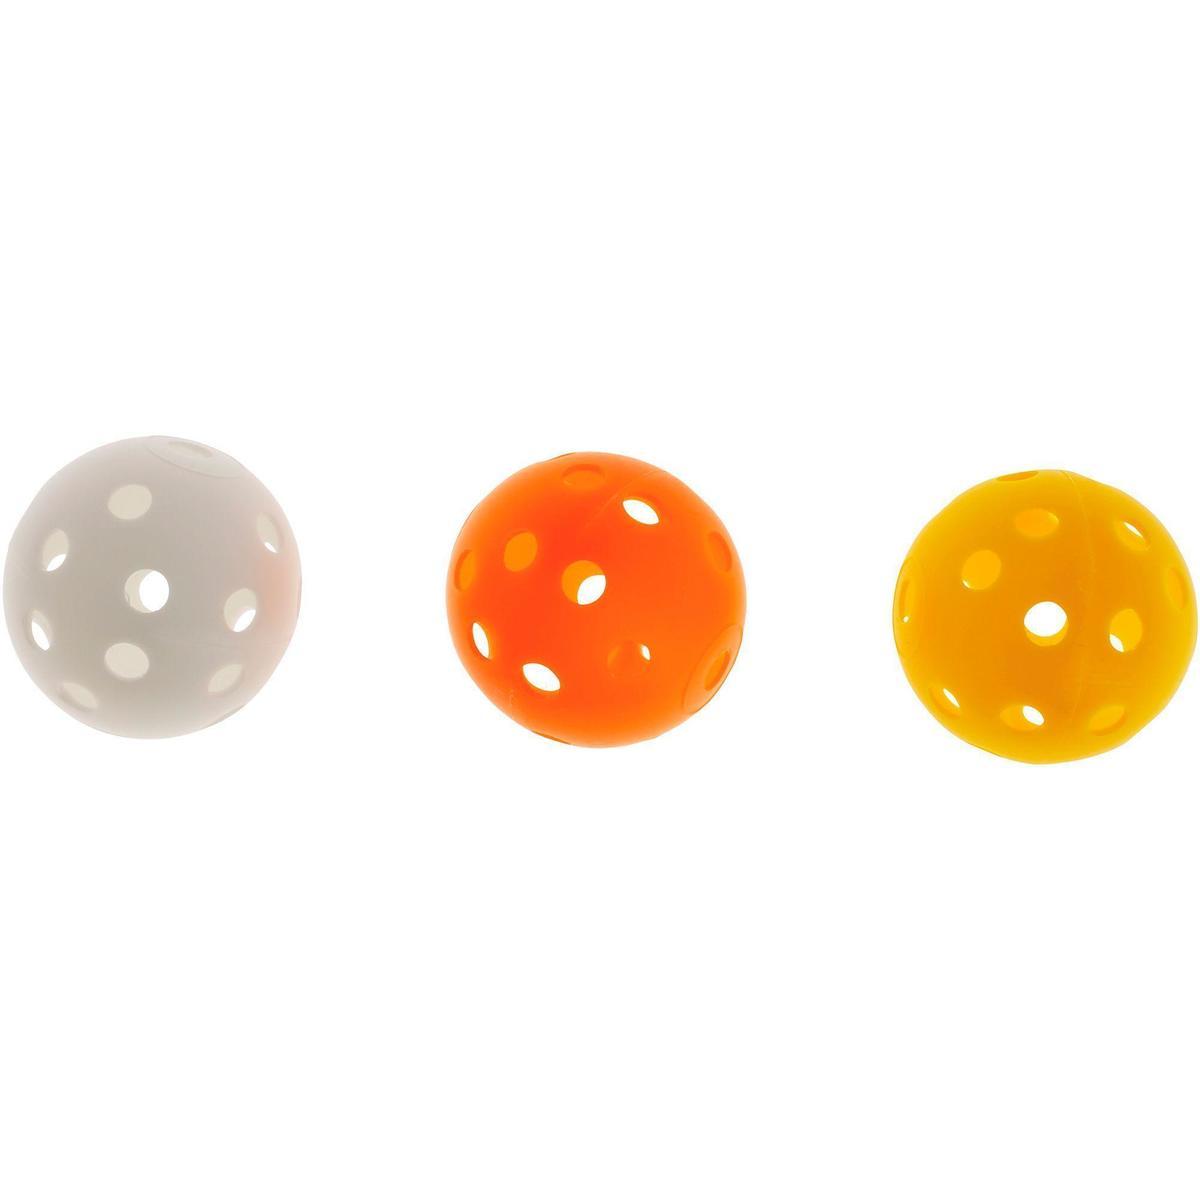 Bild 2 von Golfbälle perforiert 6 Stück